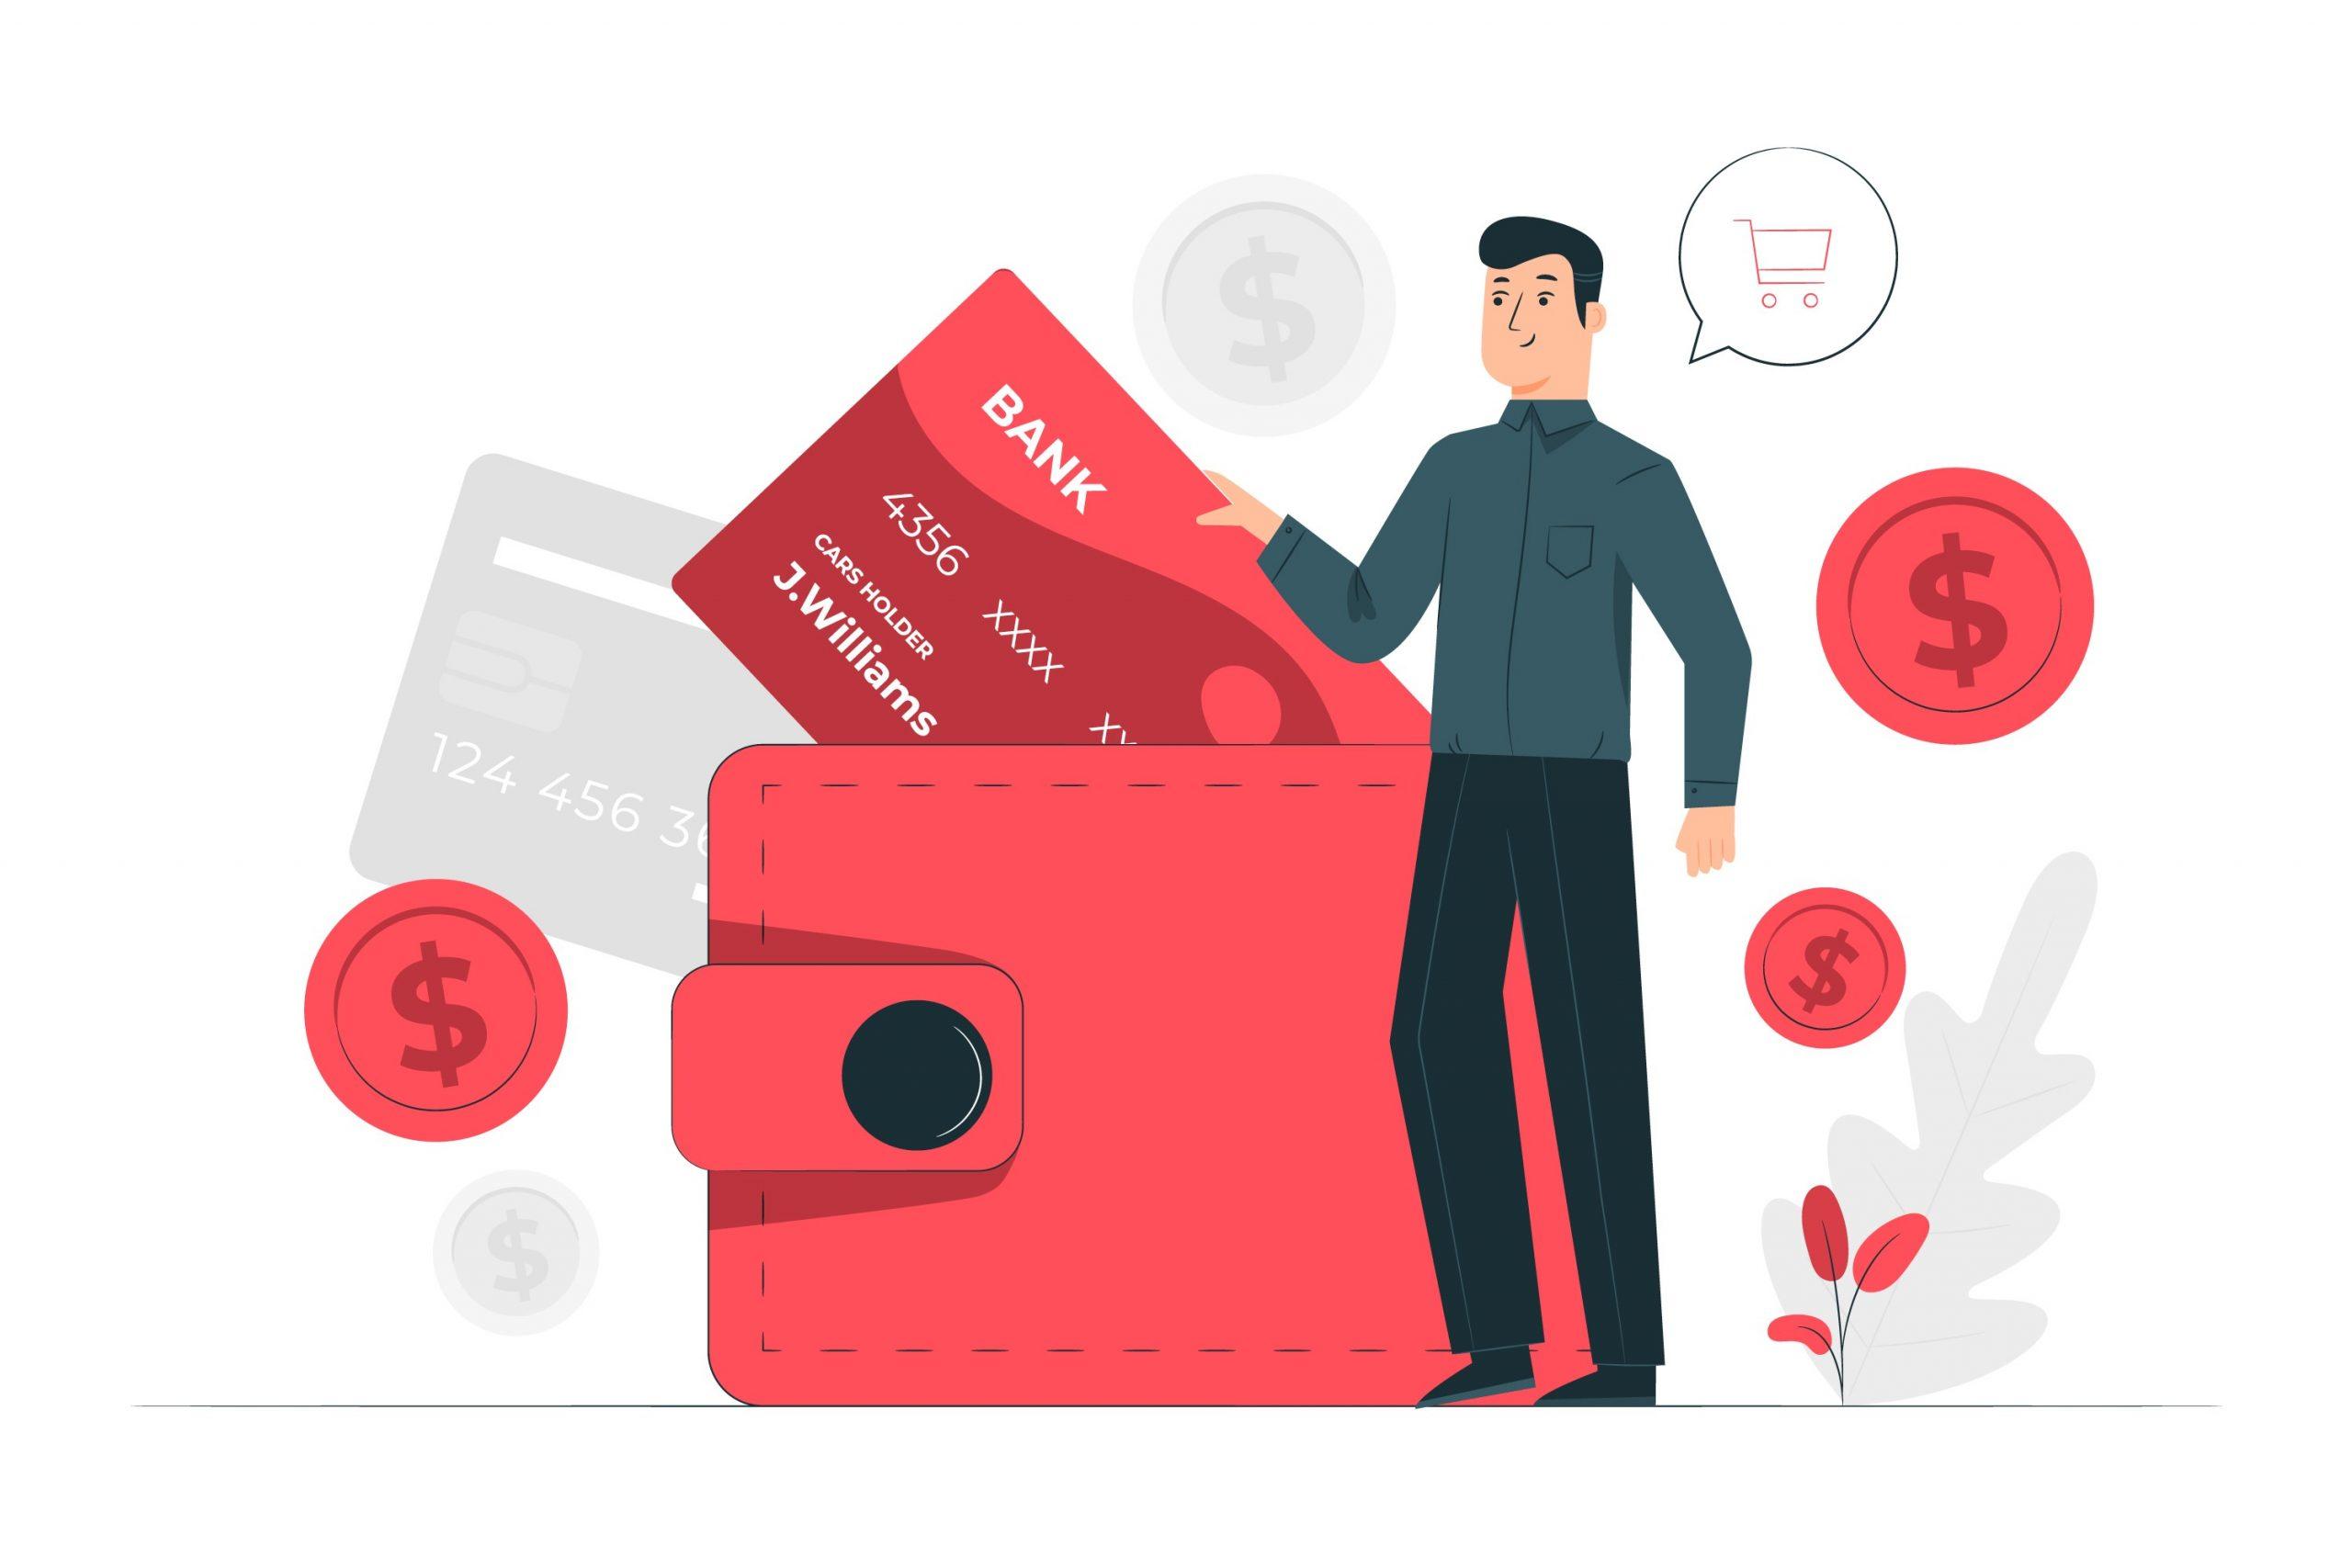 2021 En Uygun Kredi Hesaplama Nasıl Yapılır? Kolay Yolu